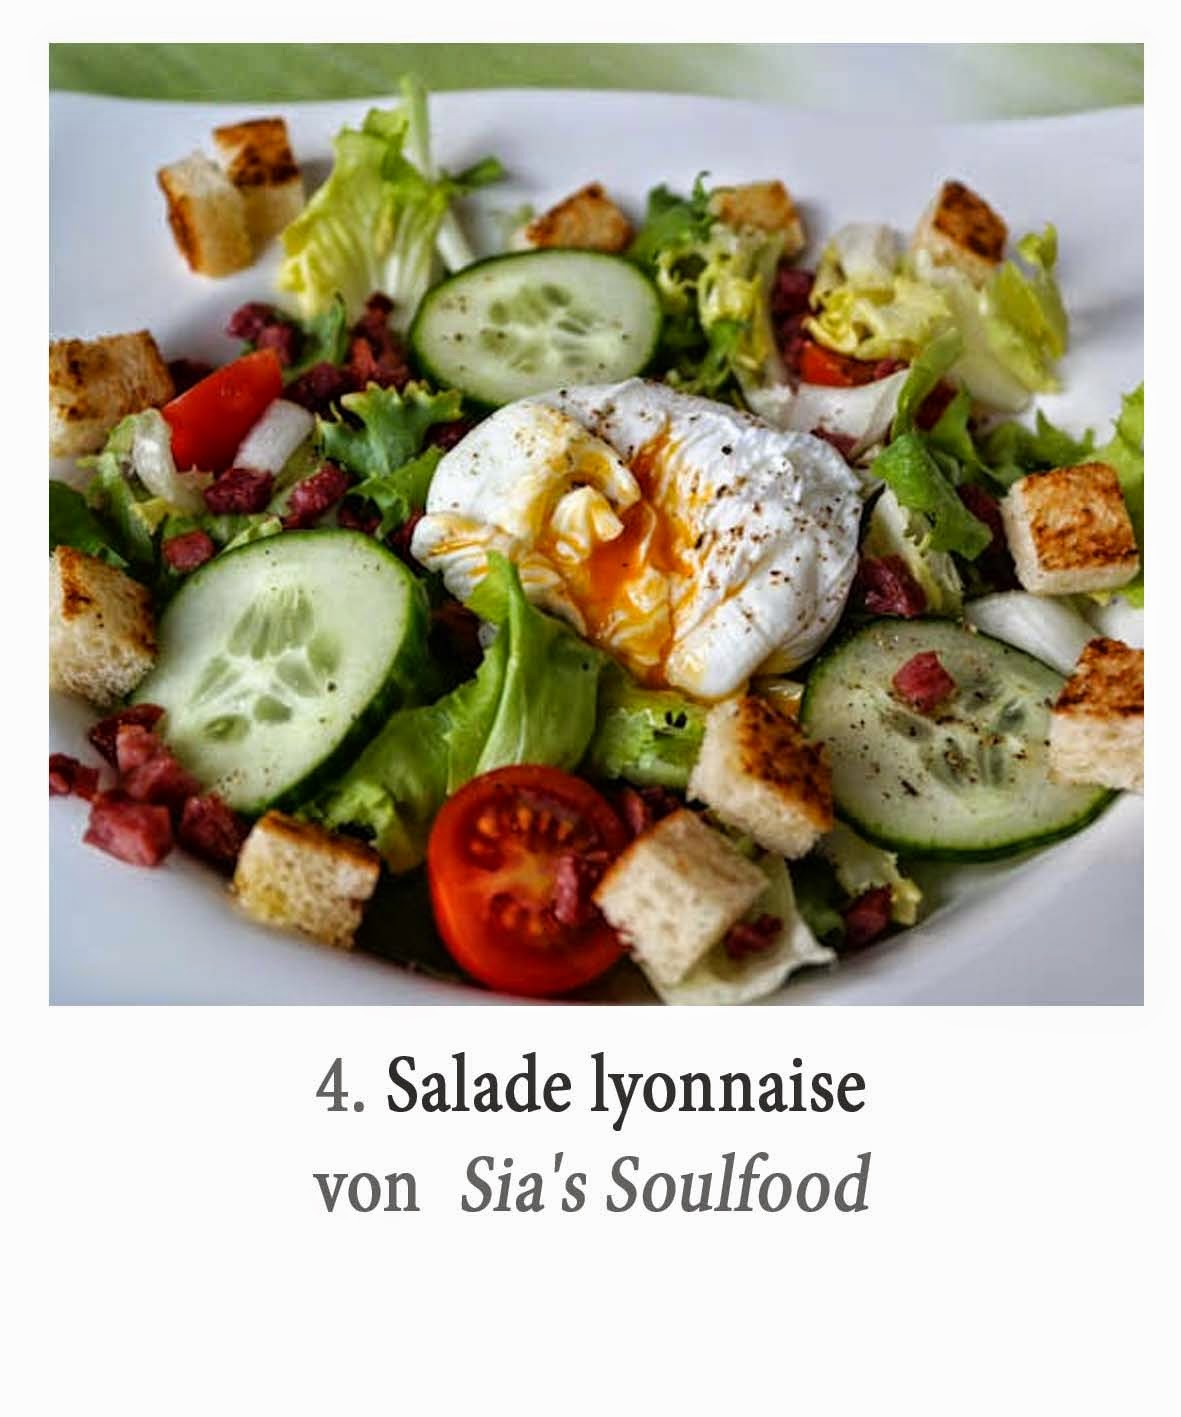 http://siasoulfood.blogspot.de/2014/07/salade-lyonnaise.html